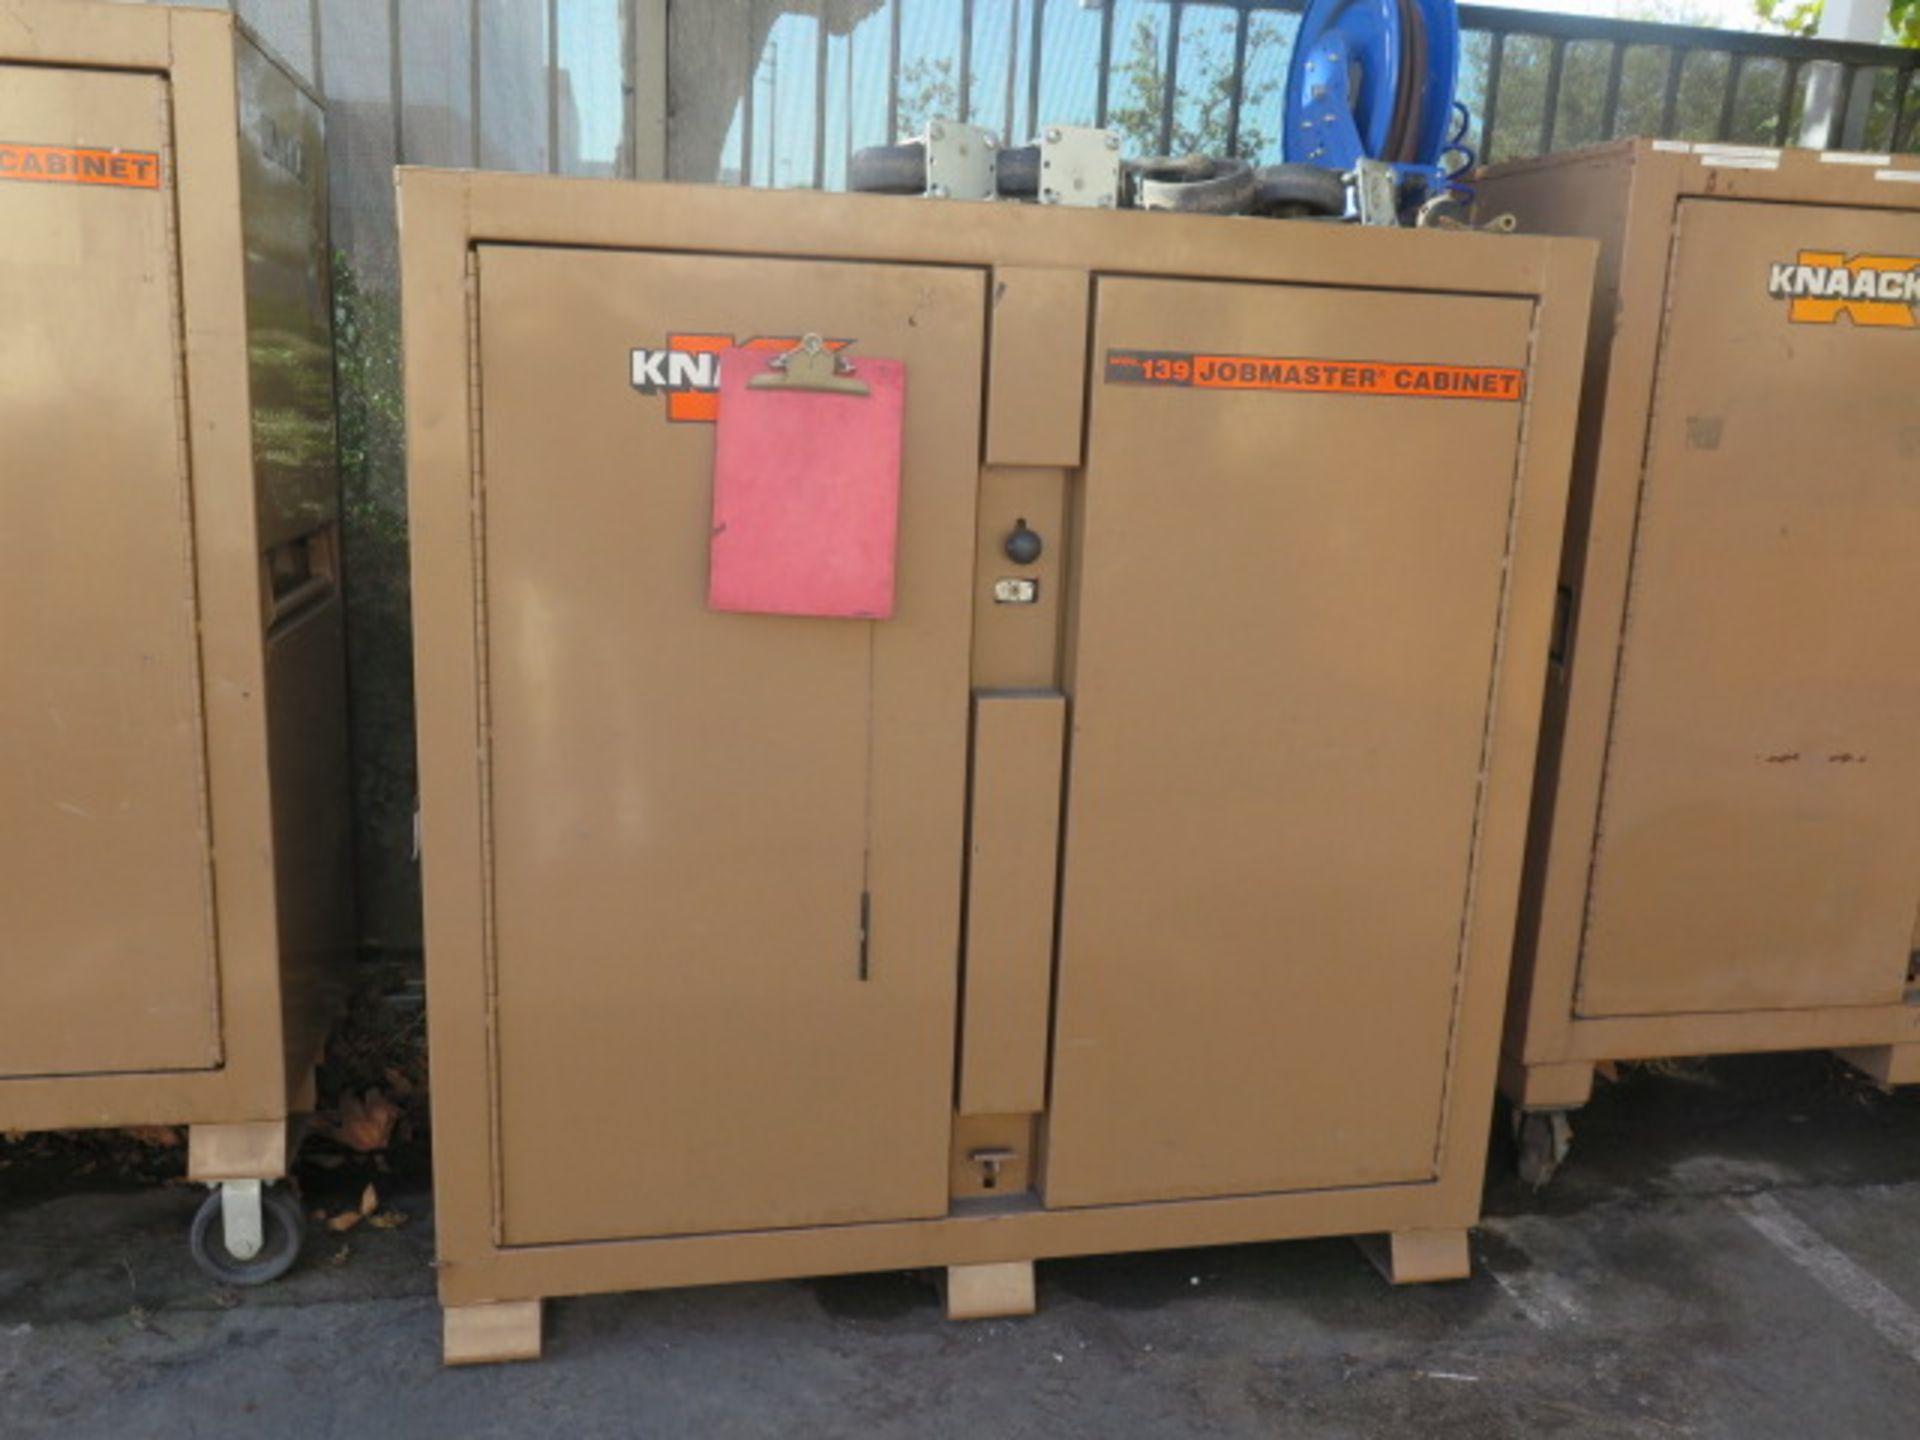 Knaack mdl. 139 Jobmaster Job Box (SOLD AS-IS - NO WARRANTY)